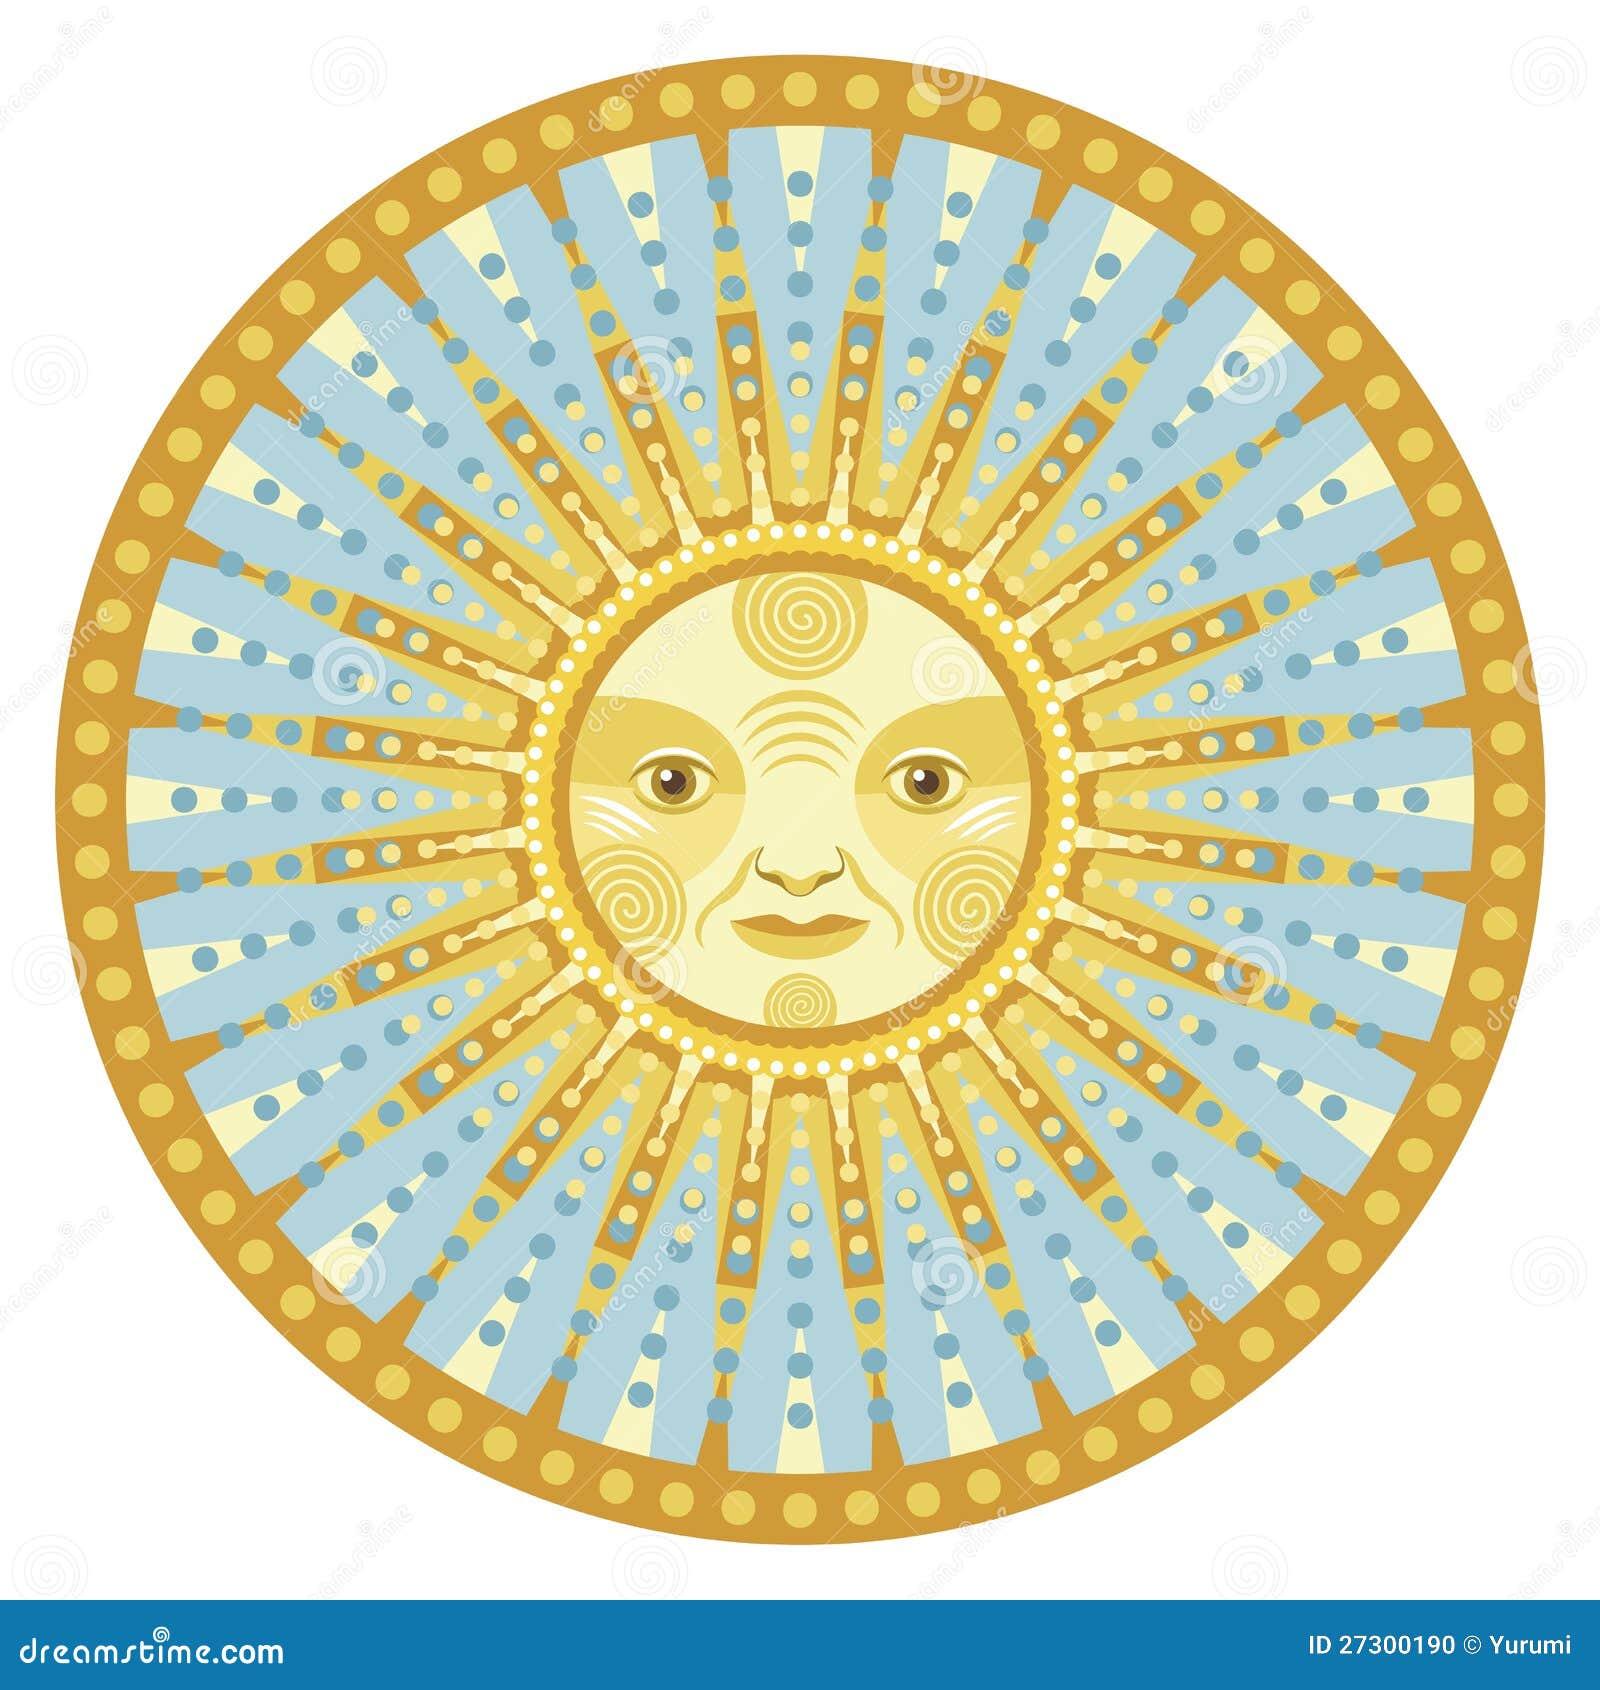 Mandala di luce del giorno illustrazione vettoriale for Piani di luce del giorno